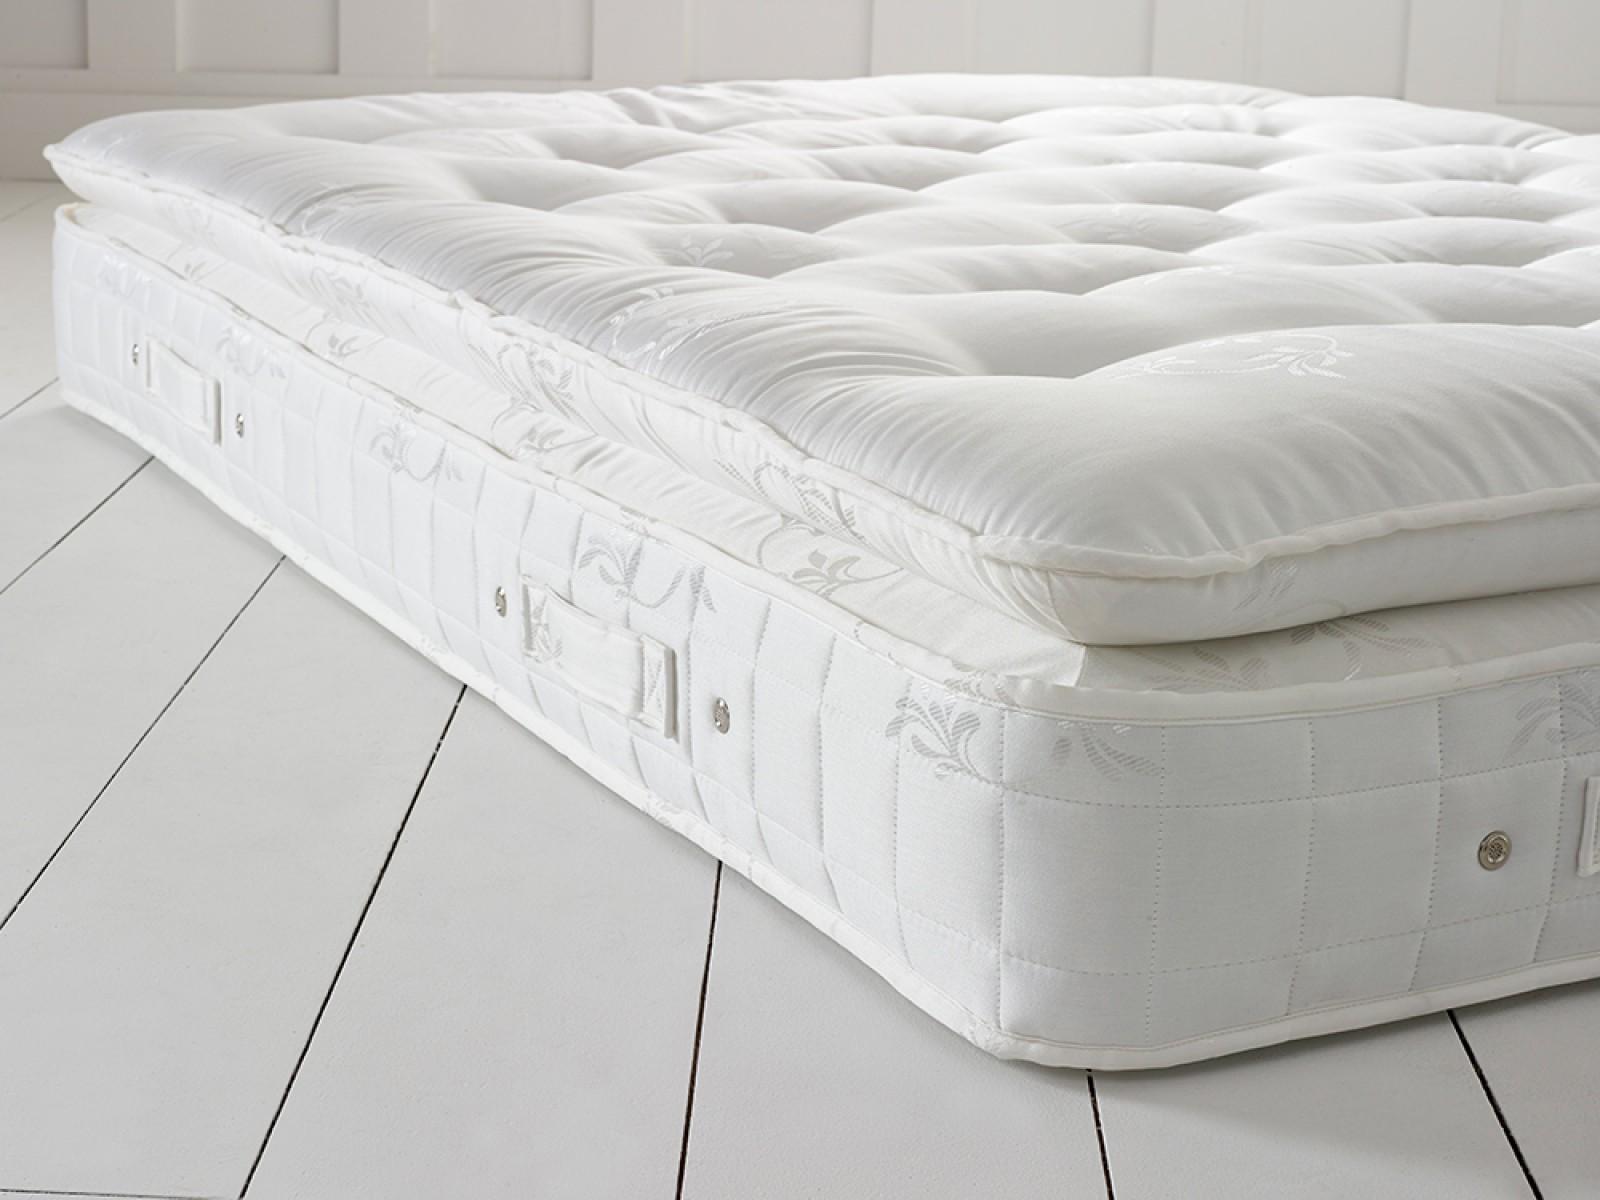 Matratzenkauf - Welche Matratzentypen gibt es auf dem Markt?